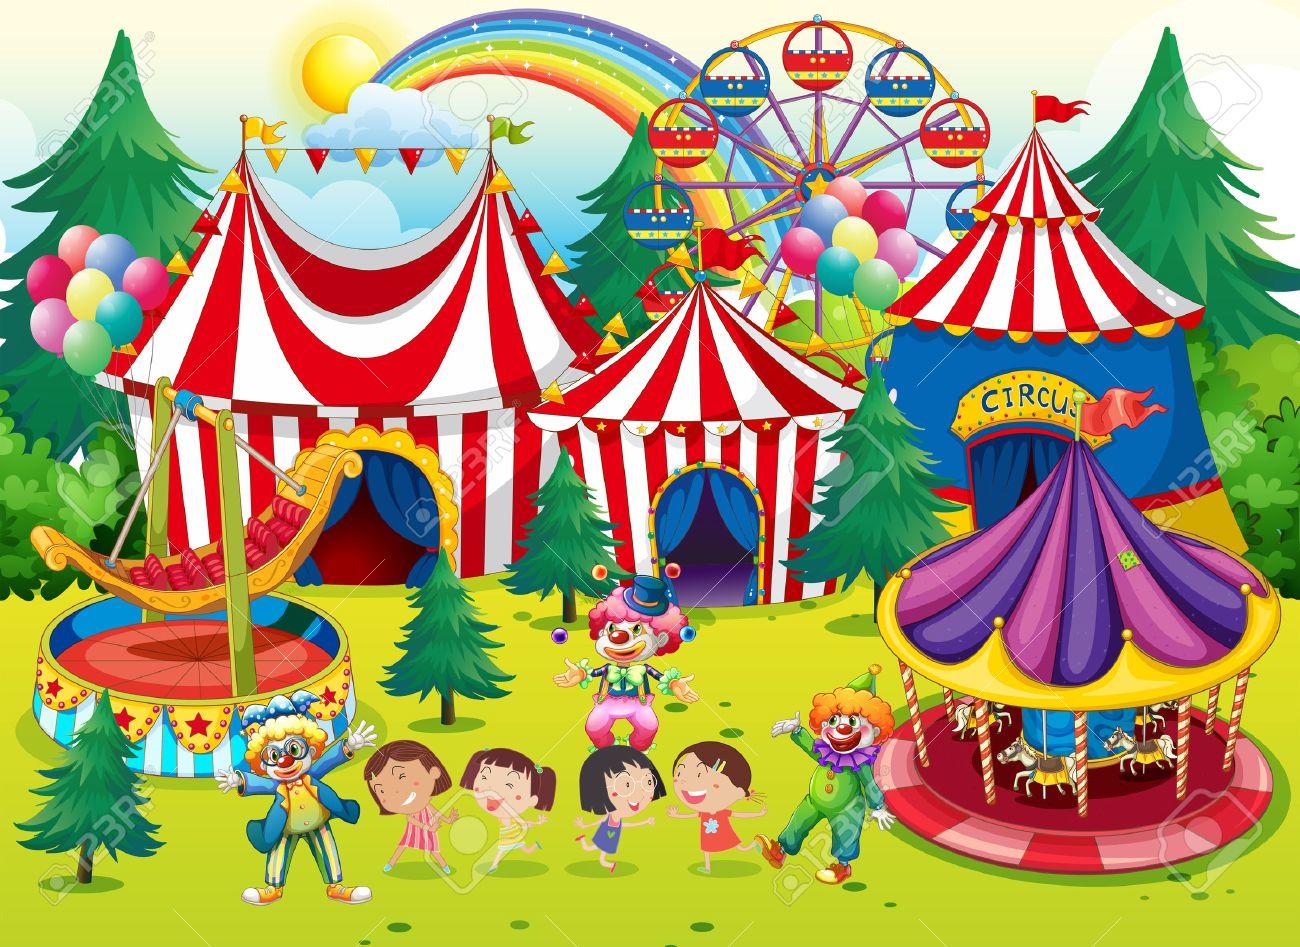 Start watching The Circus